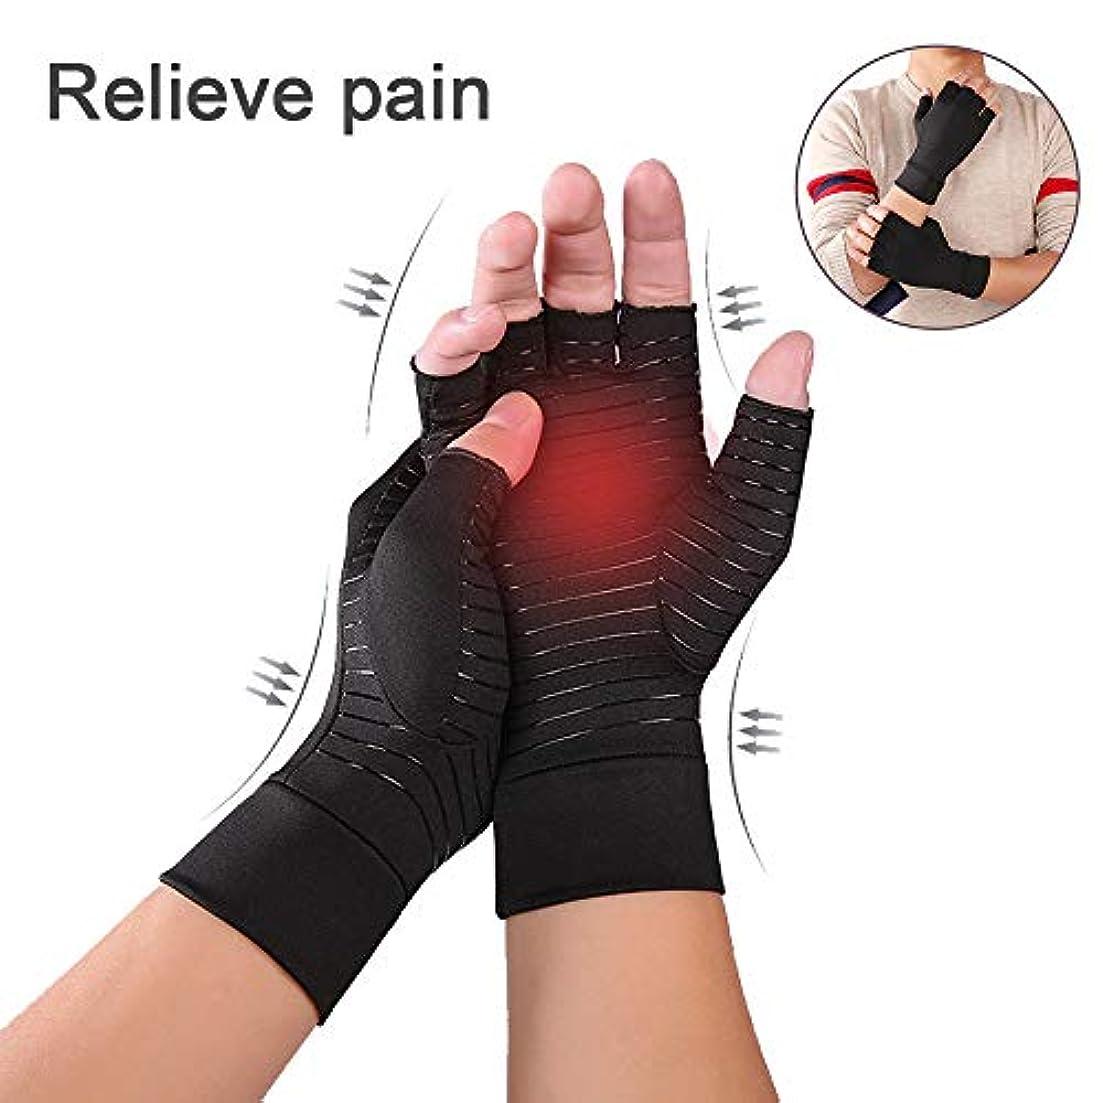 コンドームリングレット結果として銅圧縮関節炎手袋、圧縮関節炎グローブリハビリテーションハーフフィンガーグローブ圧縮関節炎痛み緩和リウマチ性変形性関節症および手根管